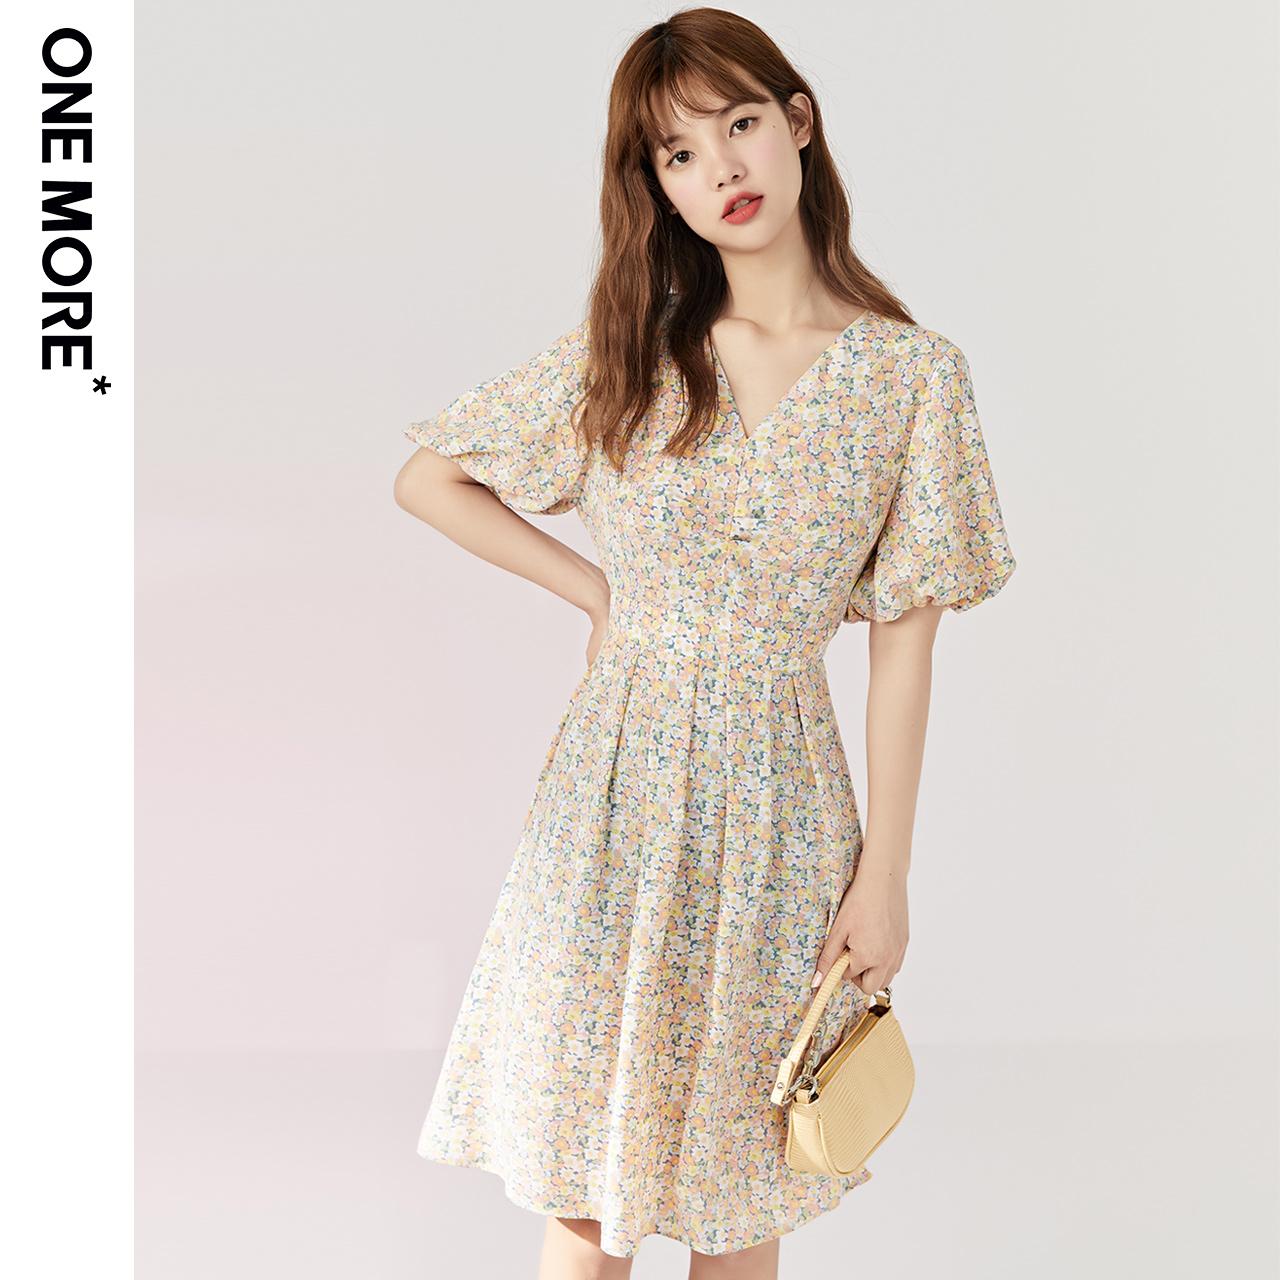 .ONEMORE2020夏天新款小碎花复古雪纺连衣裙收腰显瘦气质V领裙子